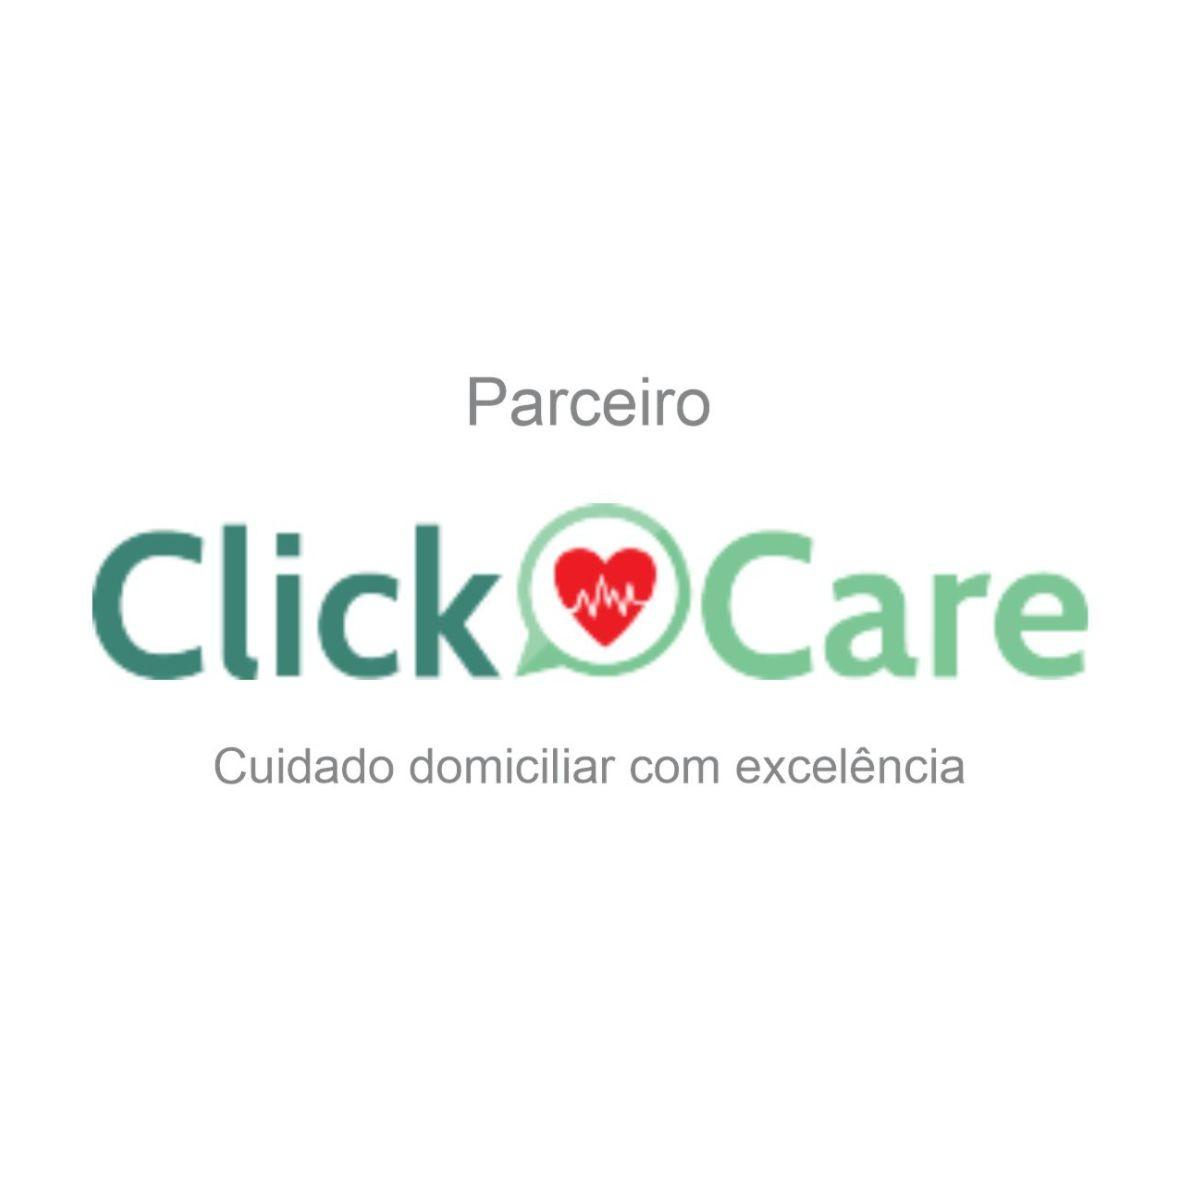 parceiro-click-care